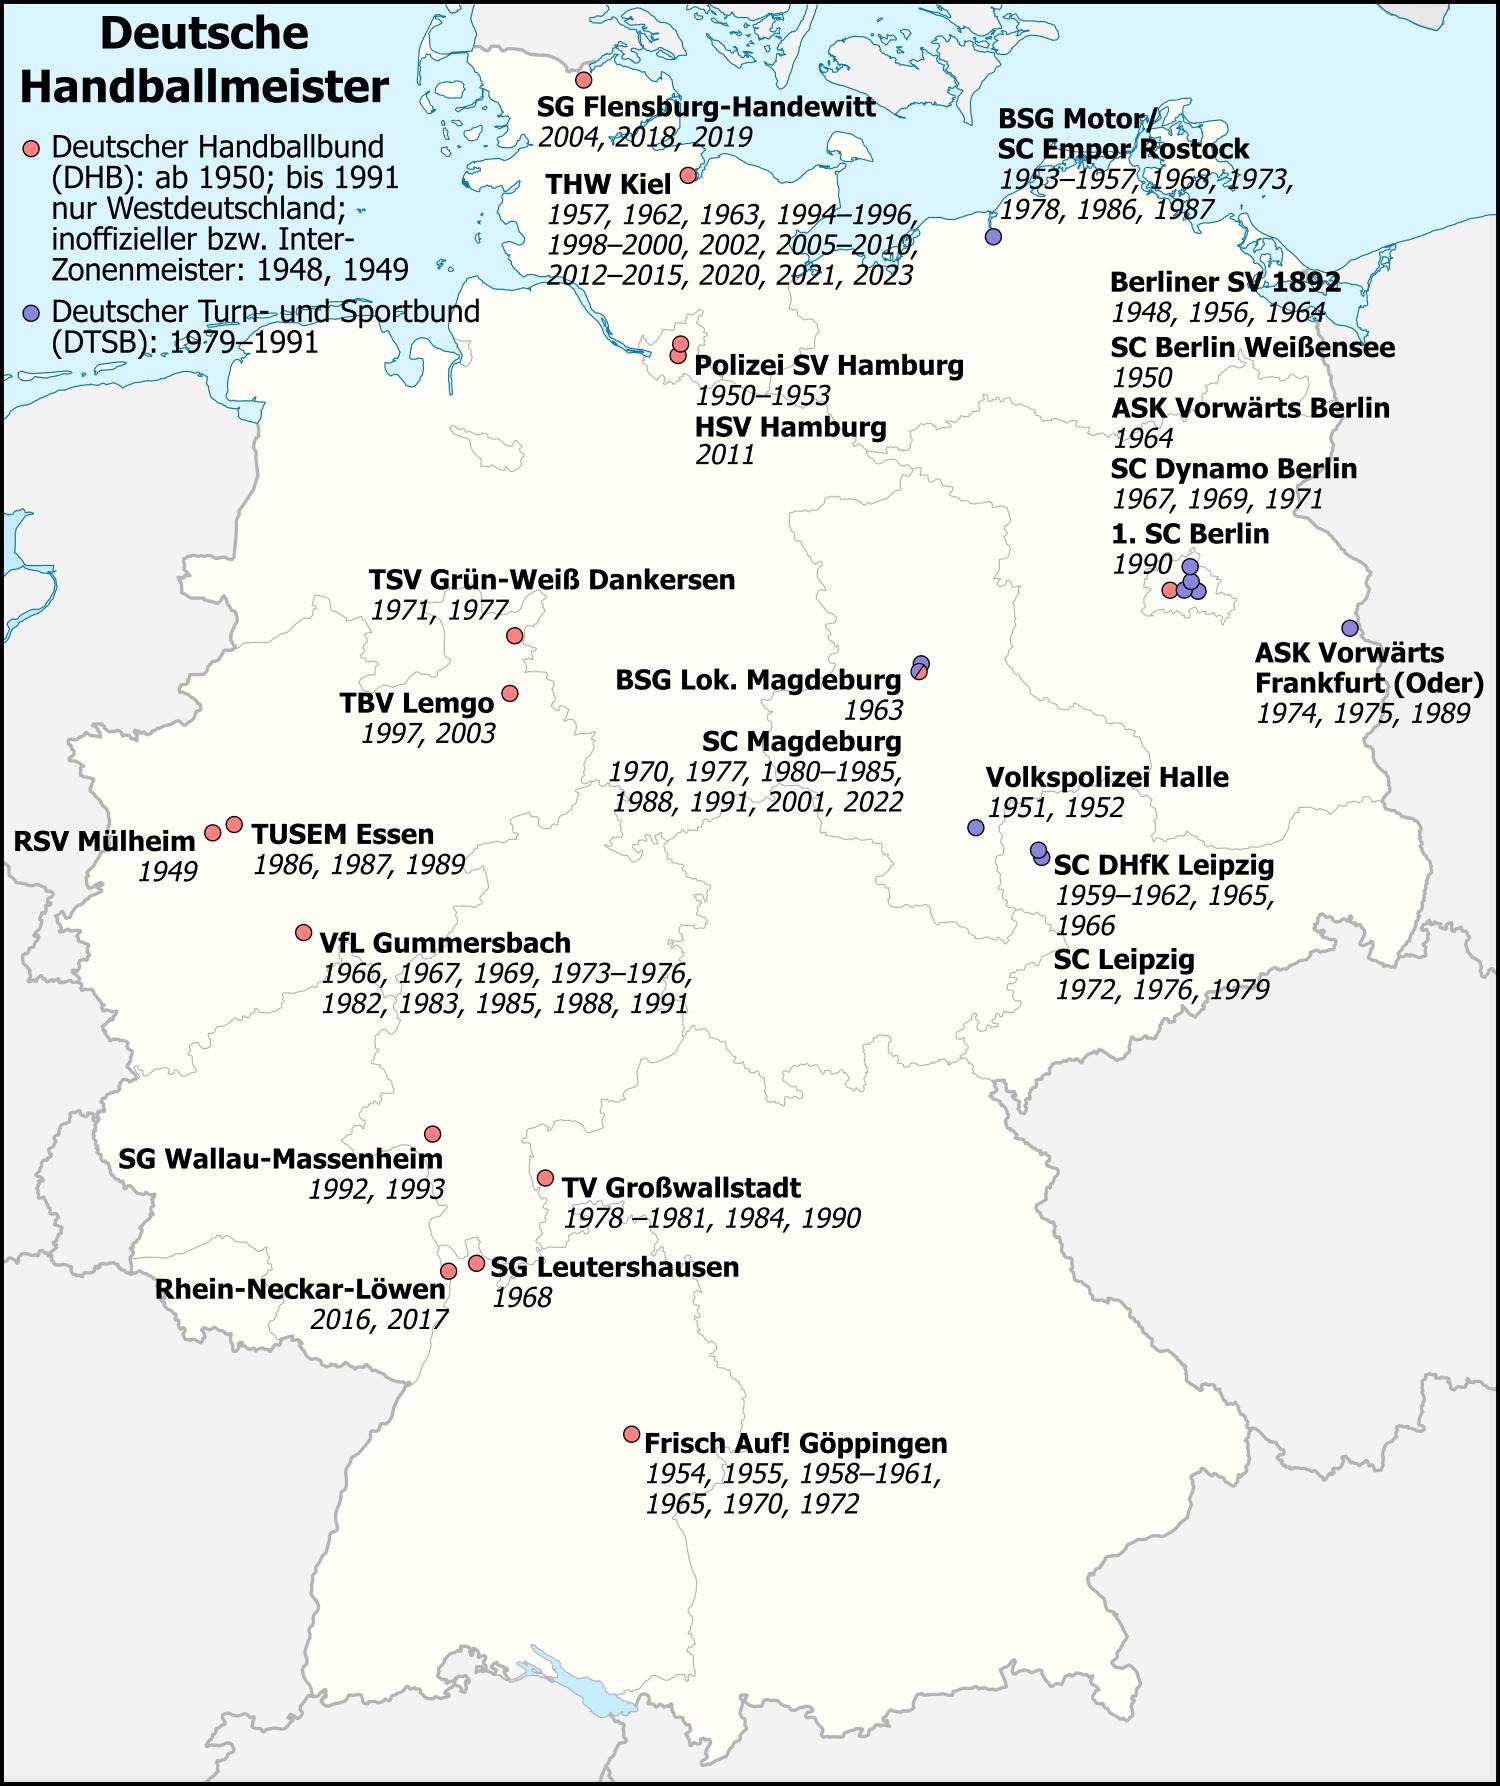 Deutsche Handball Meister